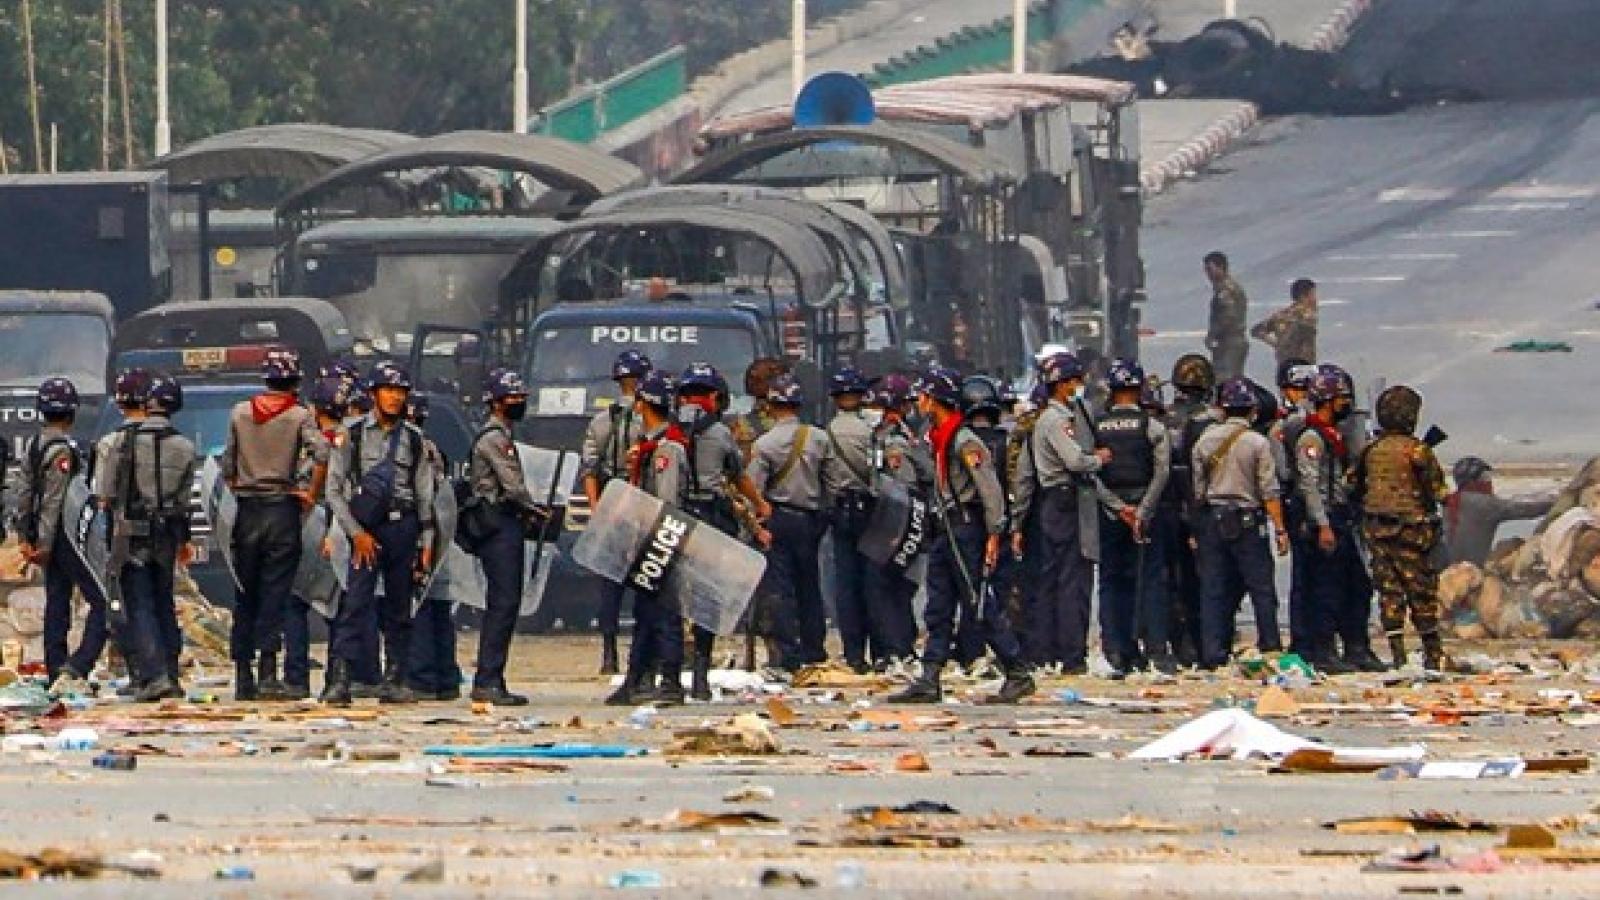 Thiết quân luật được mở rộng ở Myanmar: Thế giới kêu gọi các bên kiềm chế